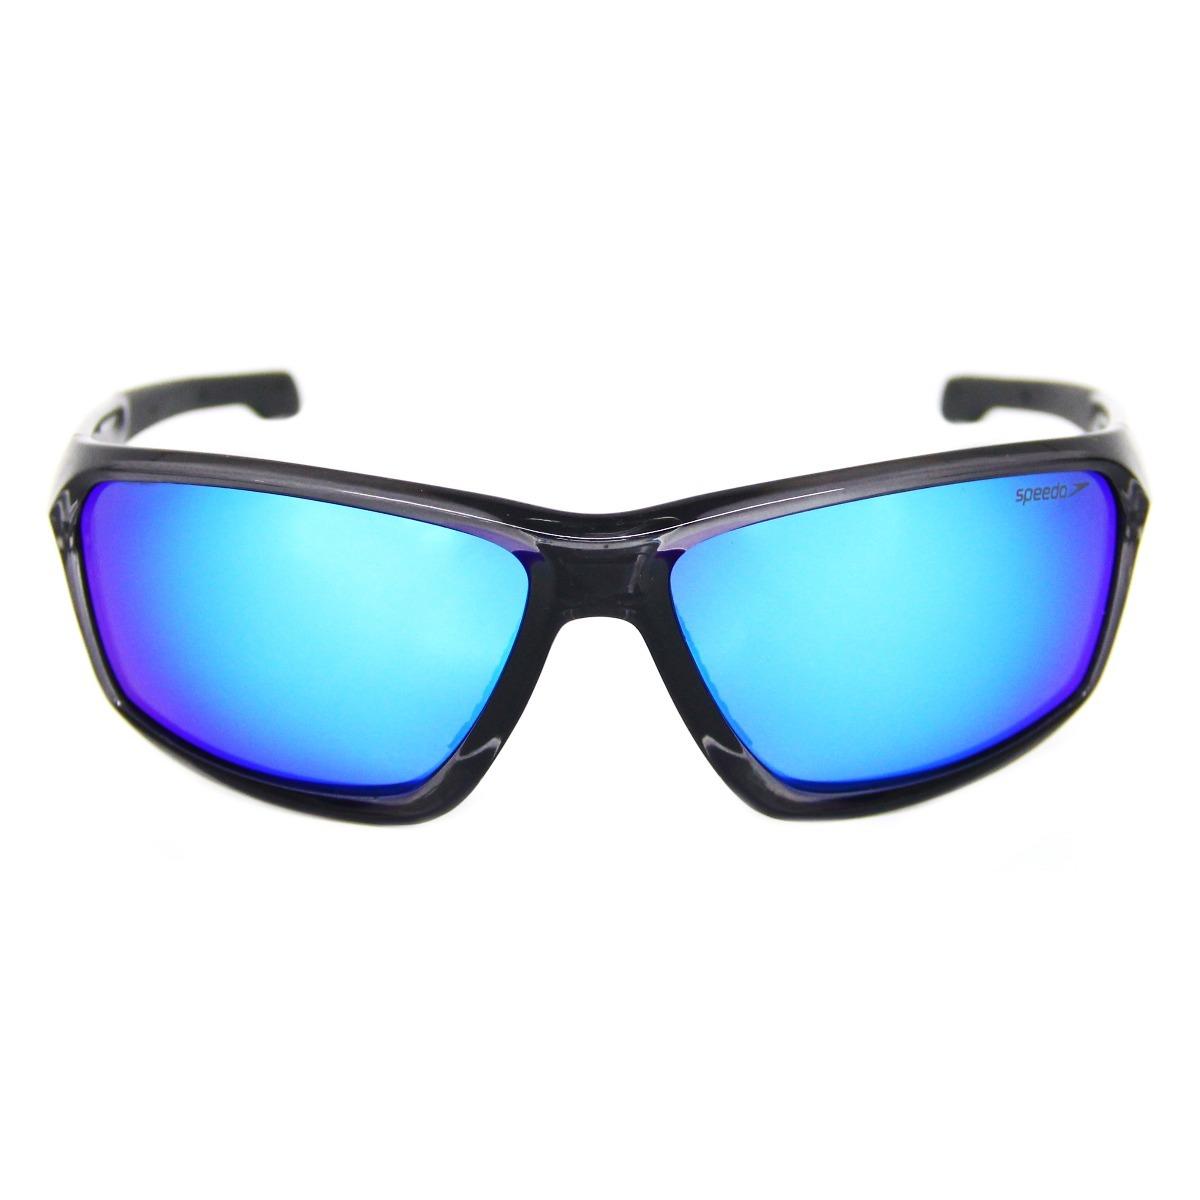 Óculos De Sol Esportivo Speedo Blackjack Original - R  199,00 em ... f174c88b9e